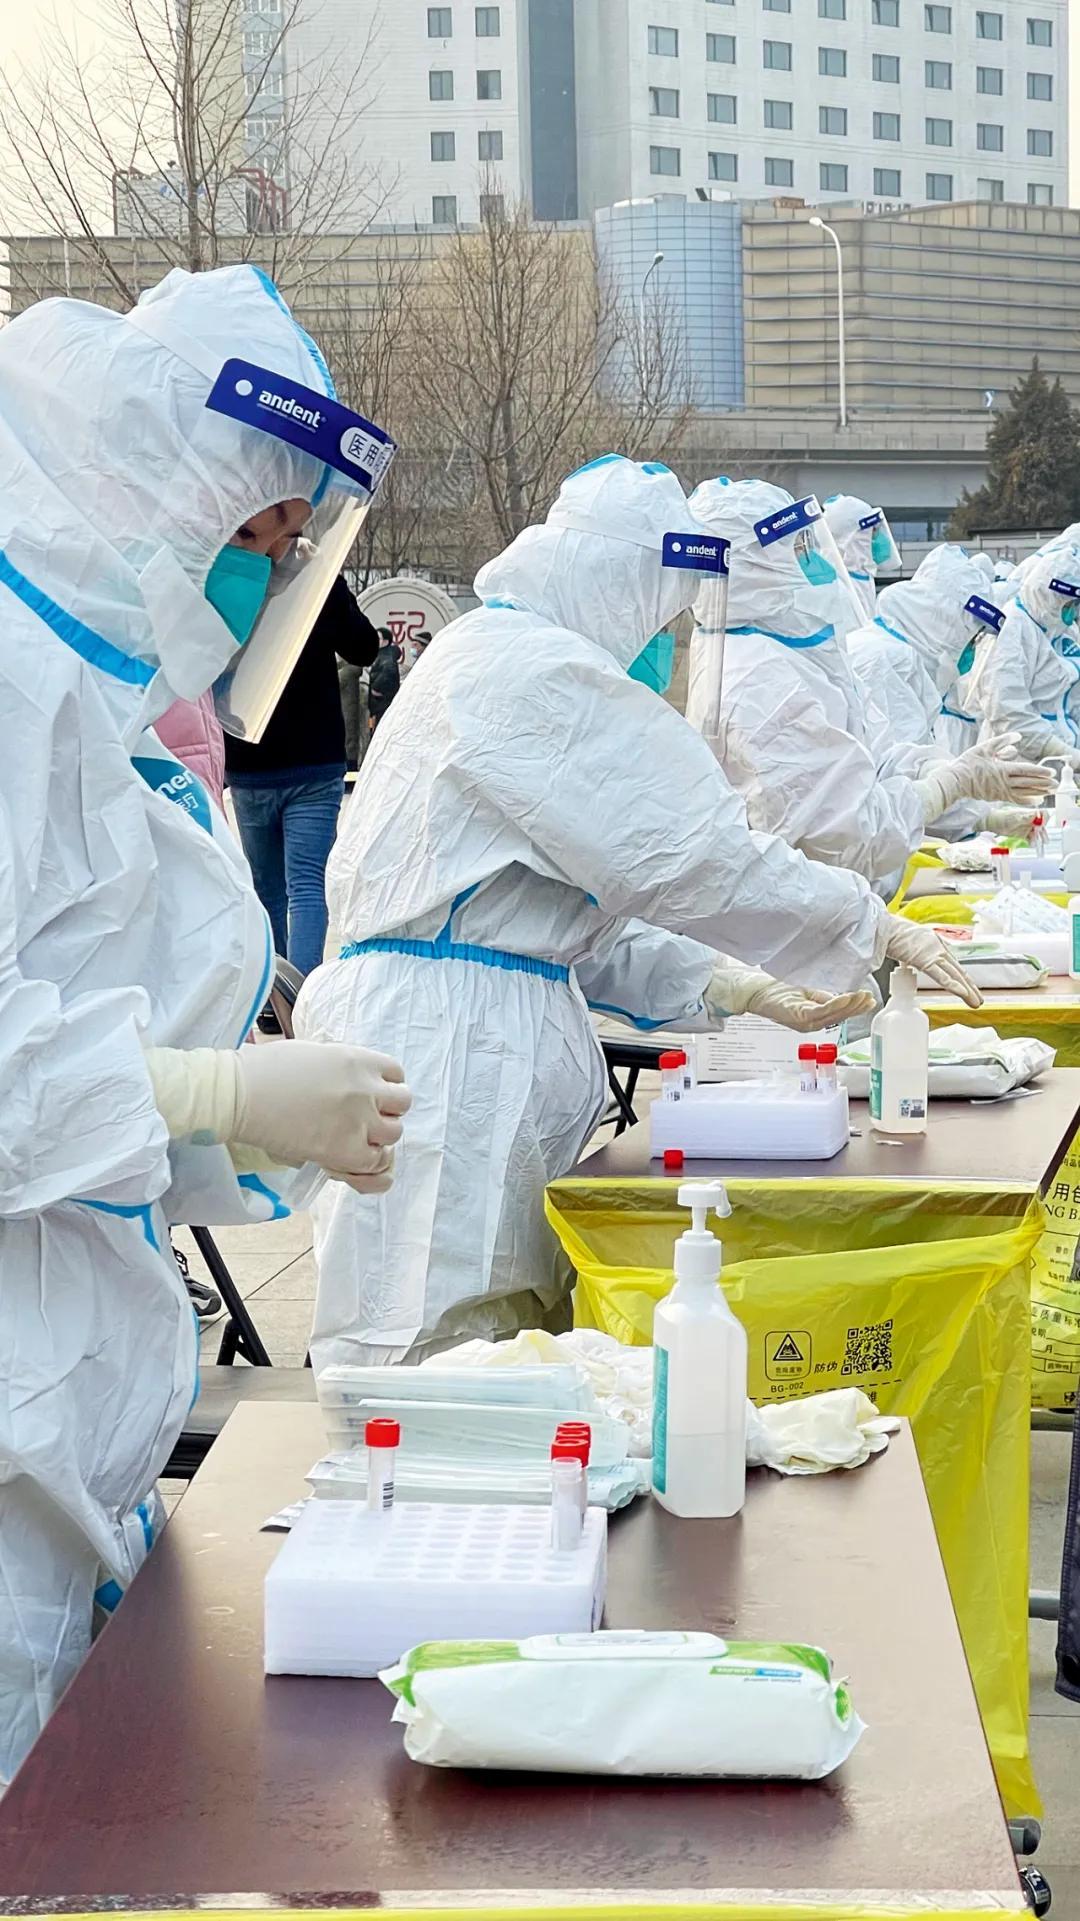 中国每天能检1亿人次!核酸检测造富神话